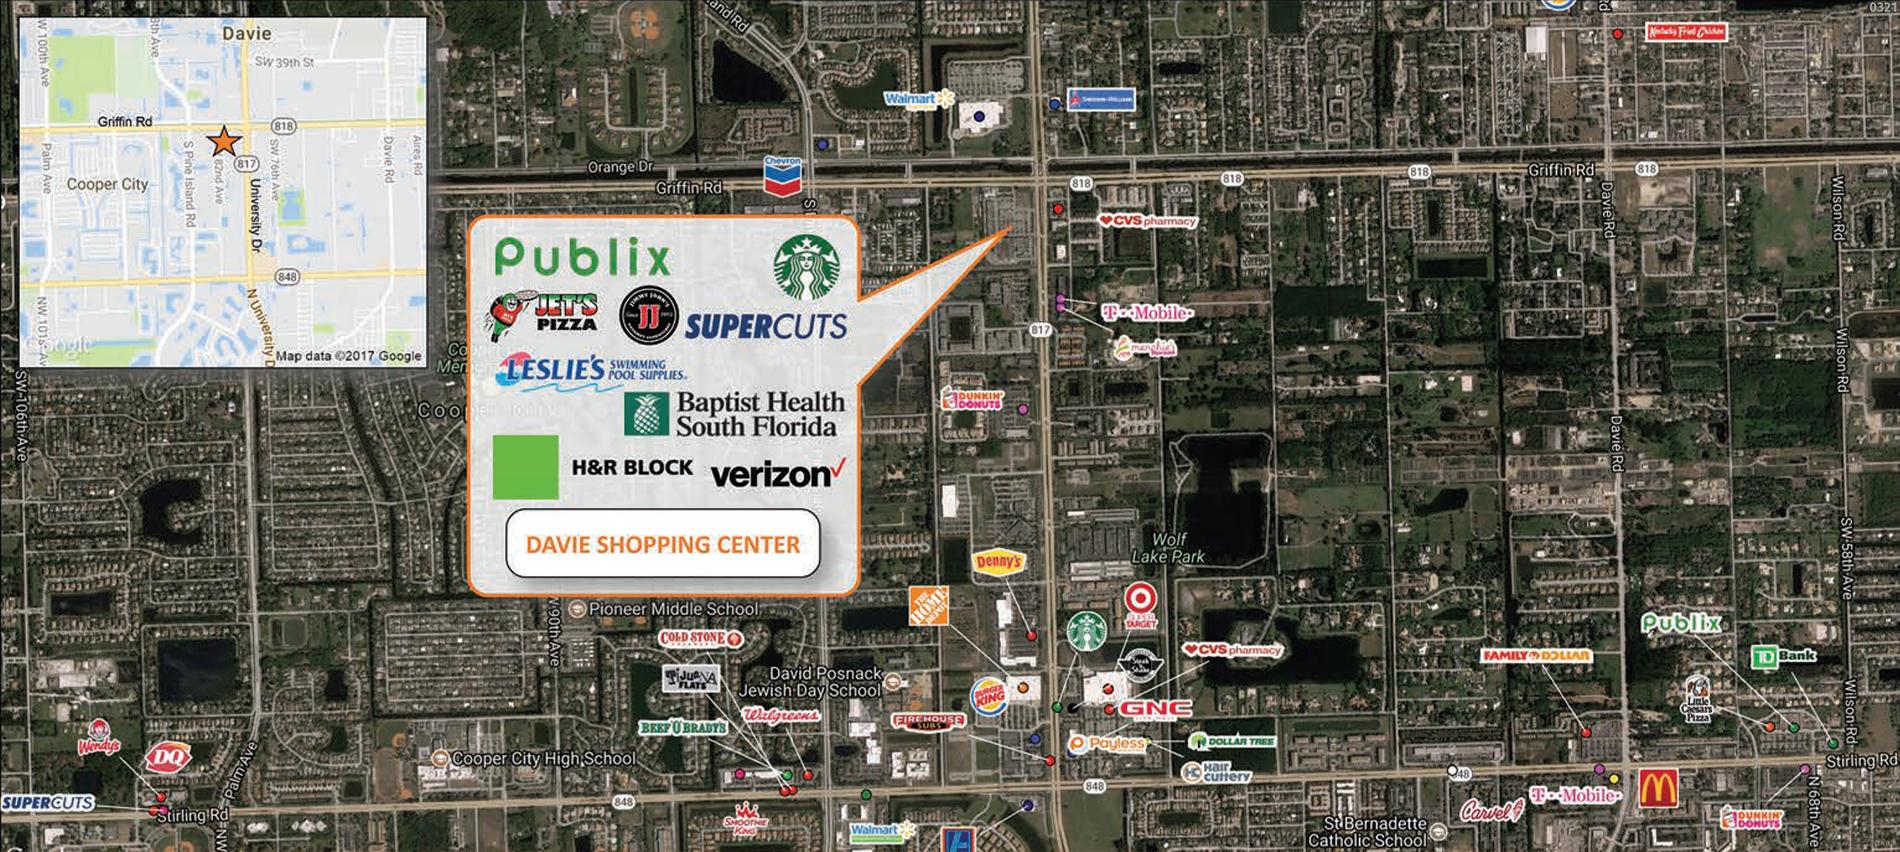 Davie Shopping Center trade area map